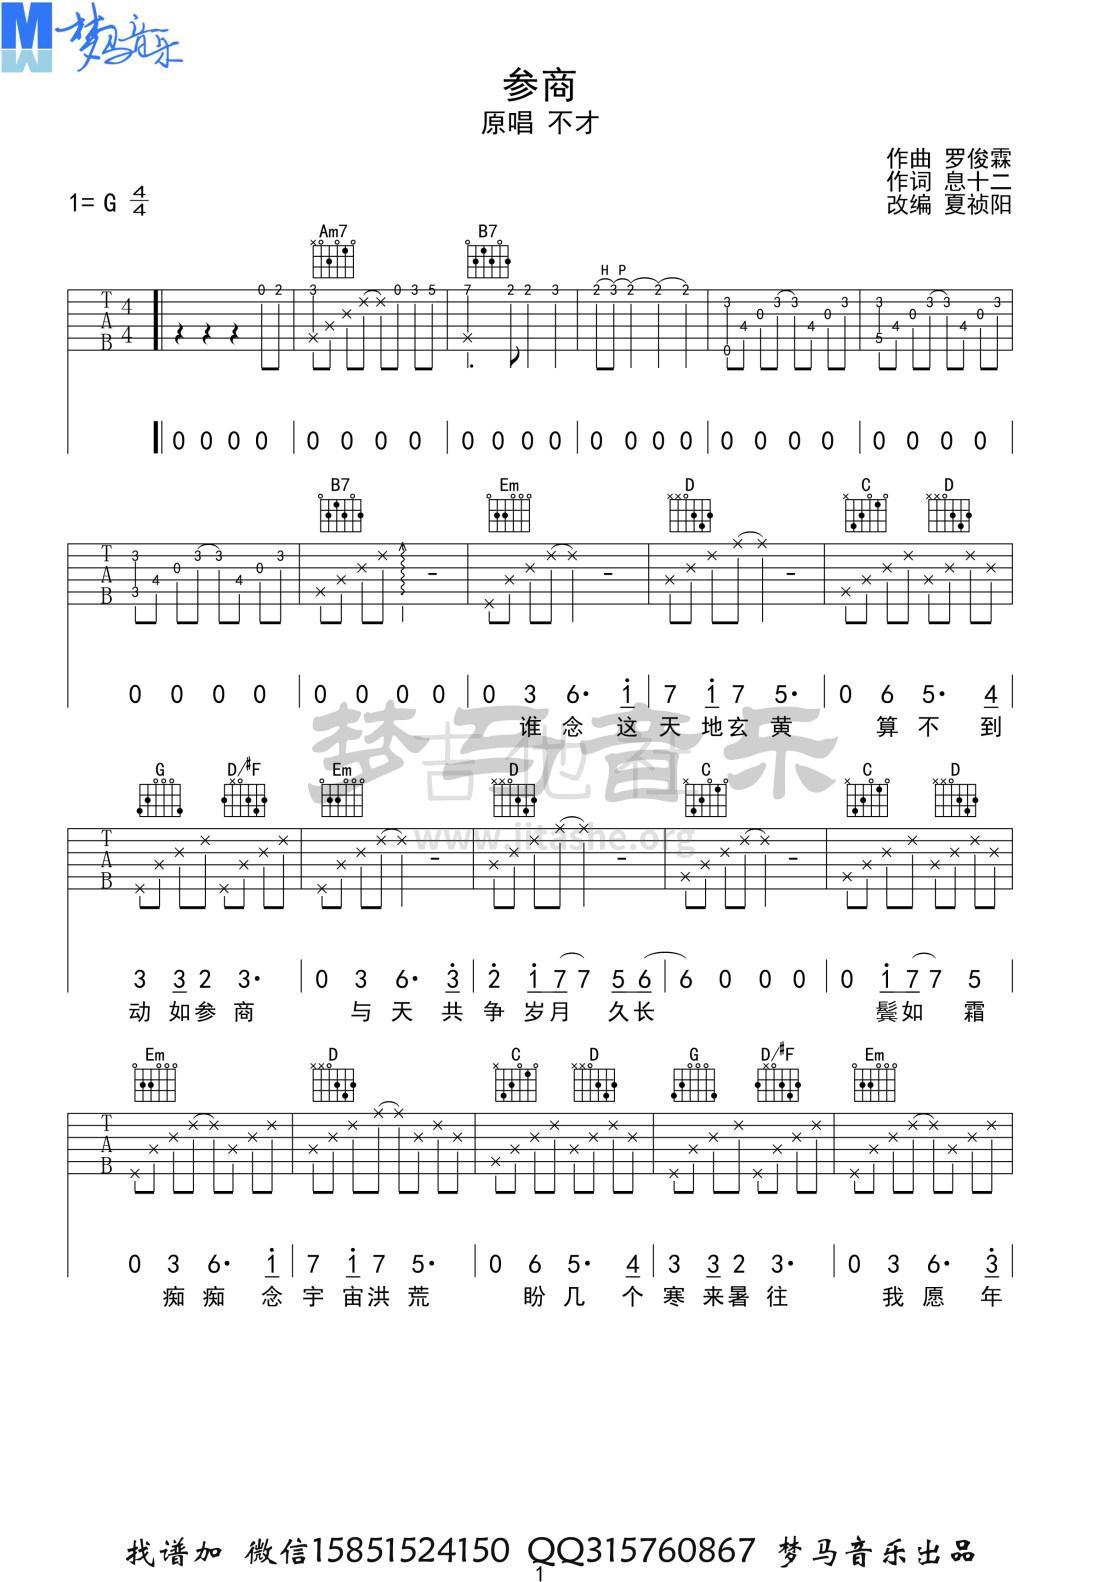 参商吉他谱(图片谱,弹唱)_不才(土豆大王)_参商-1.jpg